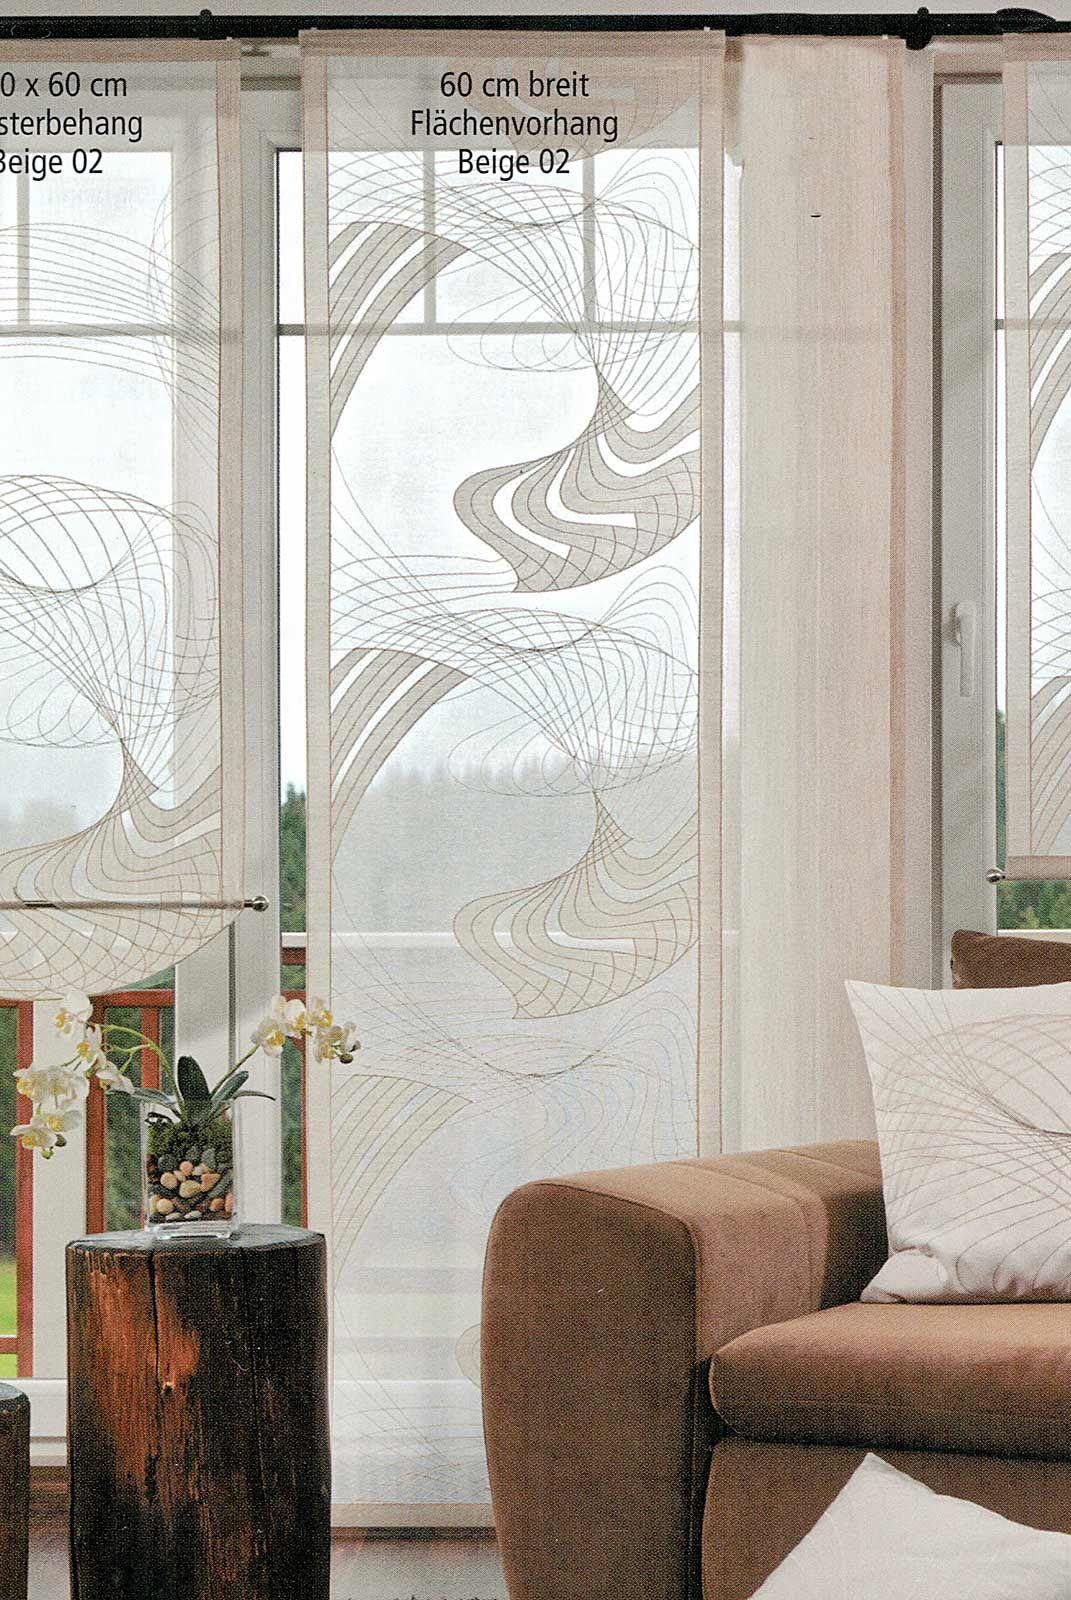 80 Elegant Moderne Scheibengardinenesszimmer Stuhle Esszimmer Stuhle Scheibengardinen Wohnzimmer Gardinen Dekor